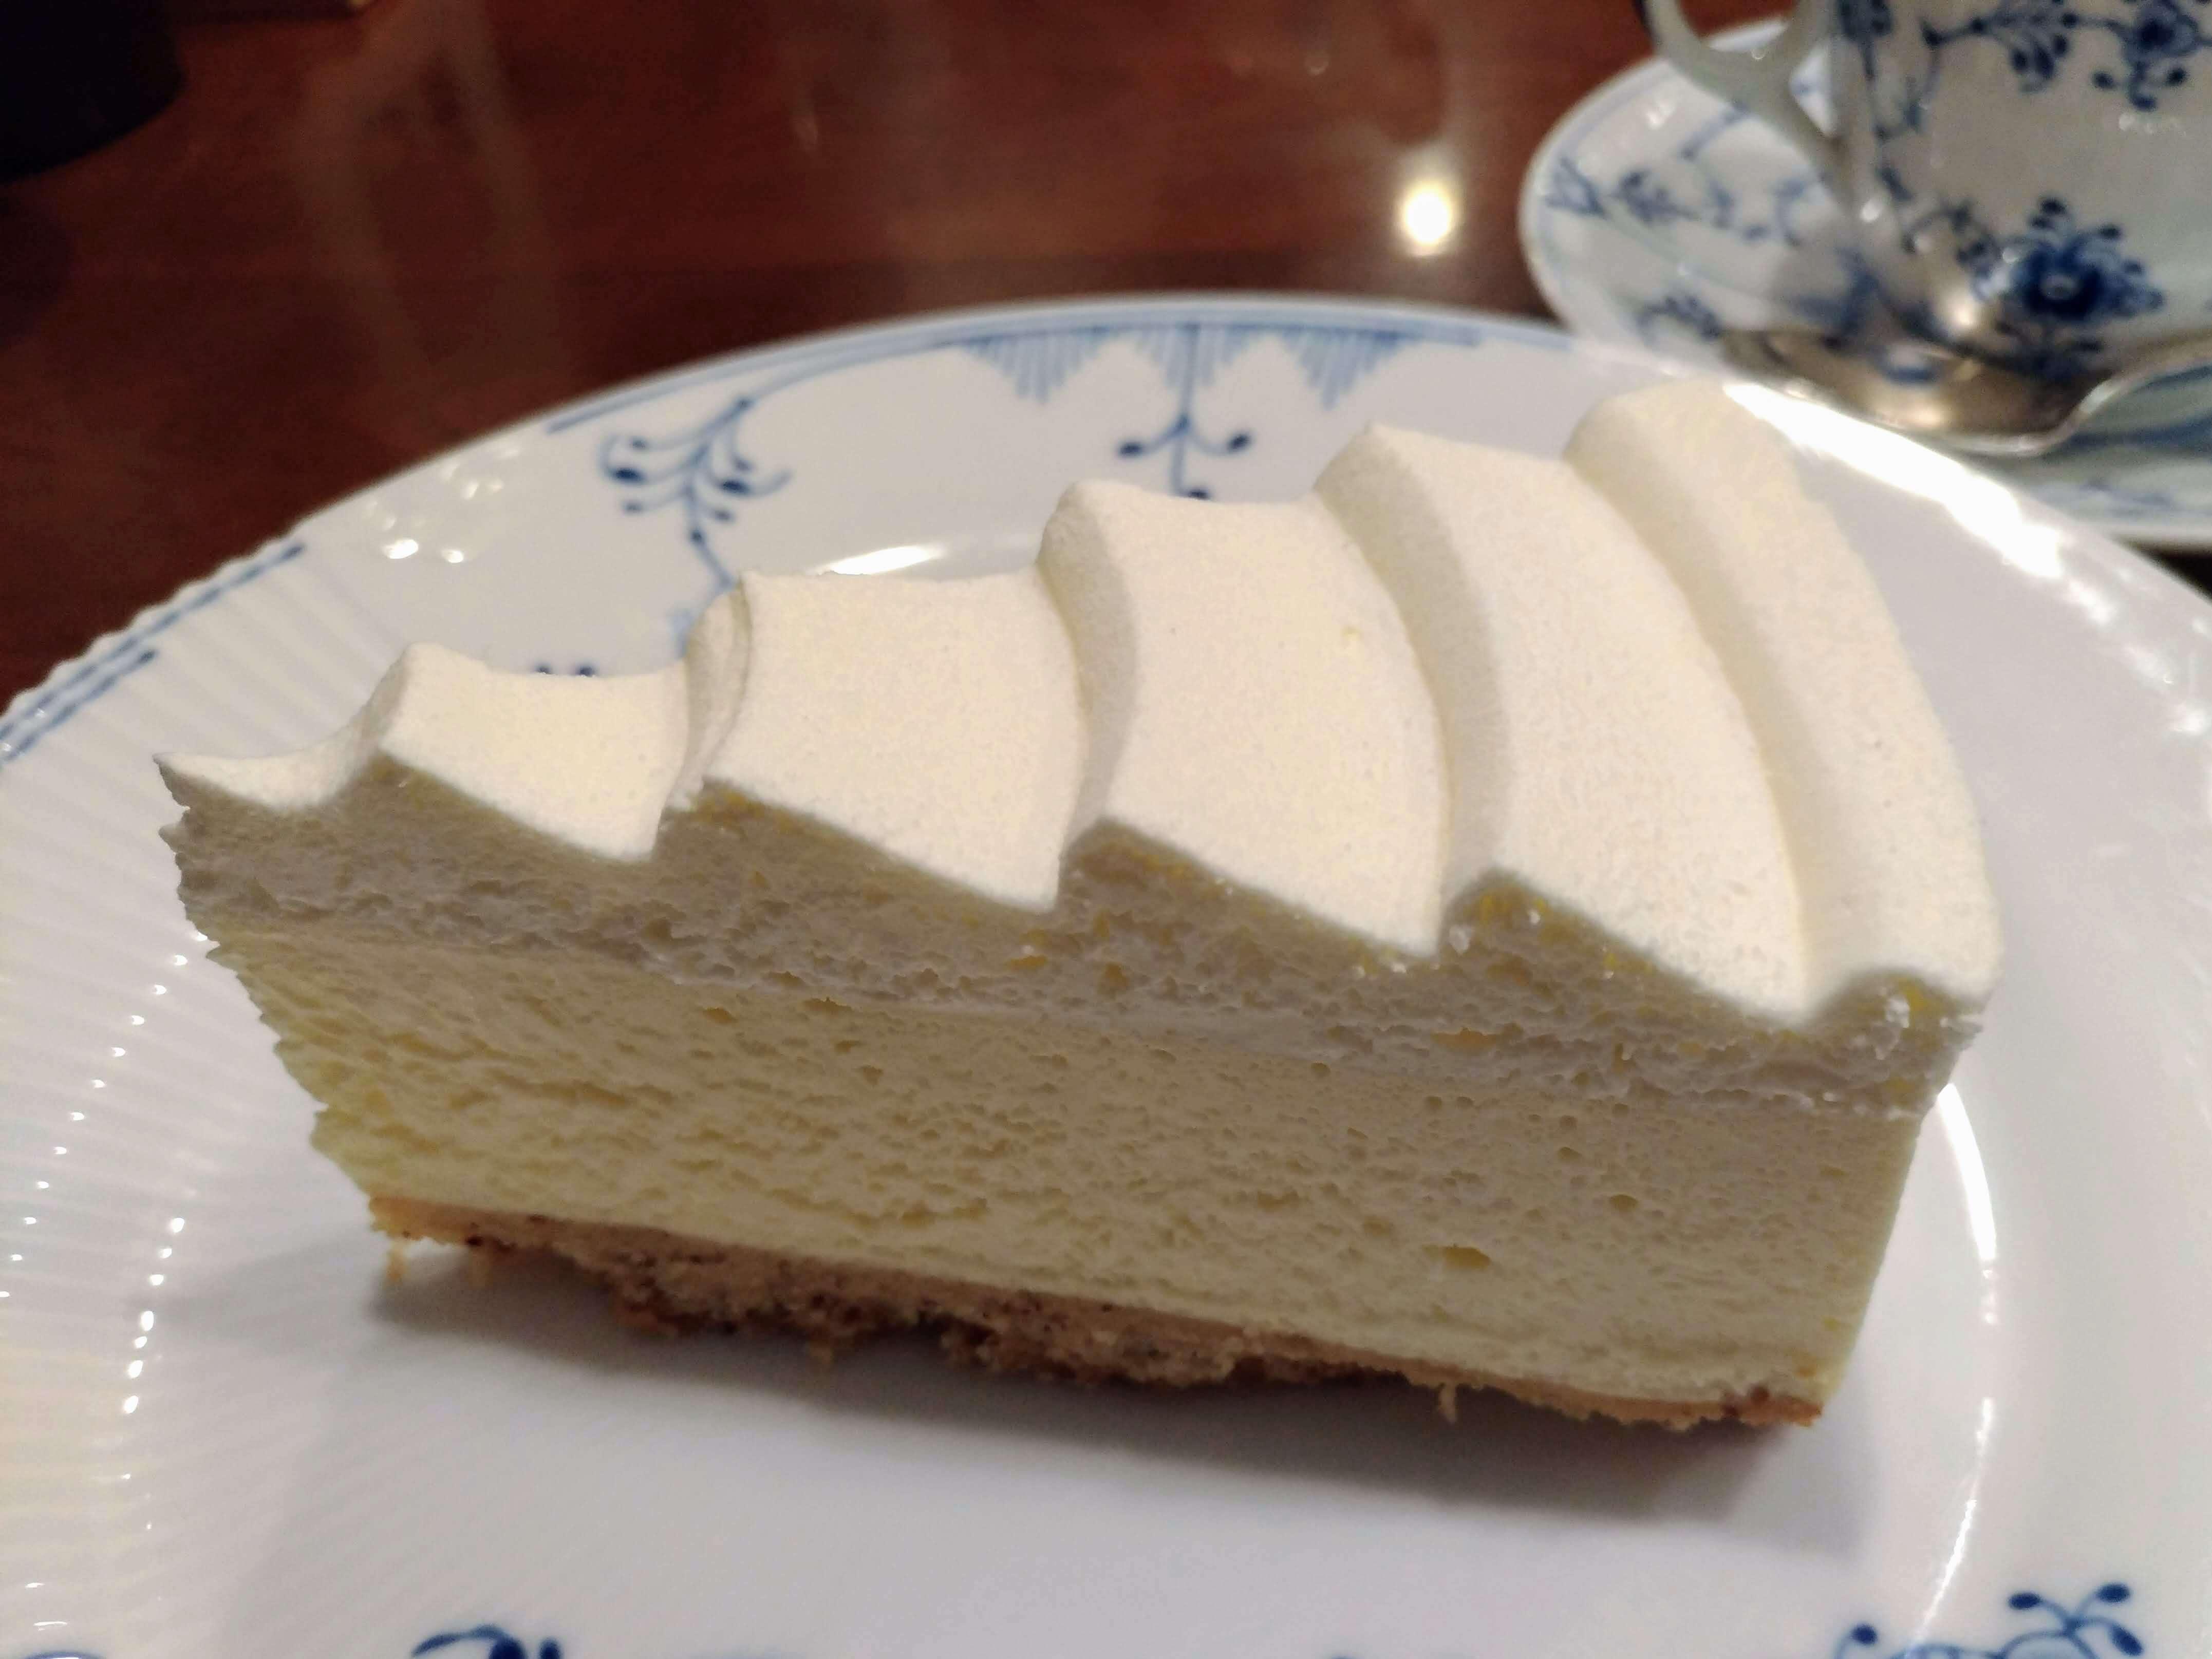 椿屋カフェ プレミアムレアチーズケーキ (3)